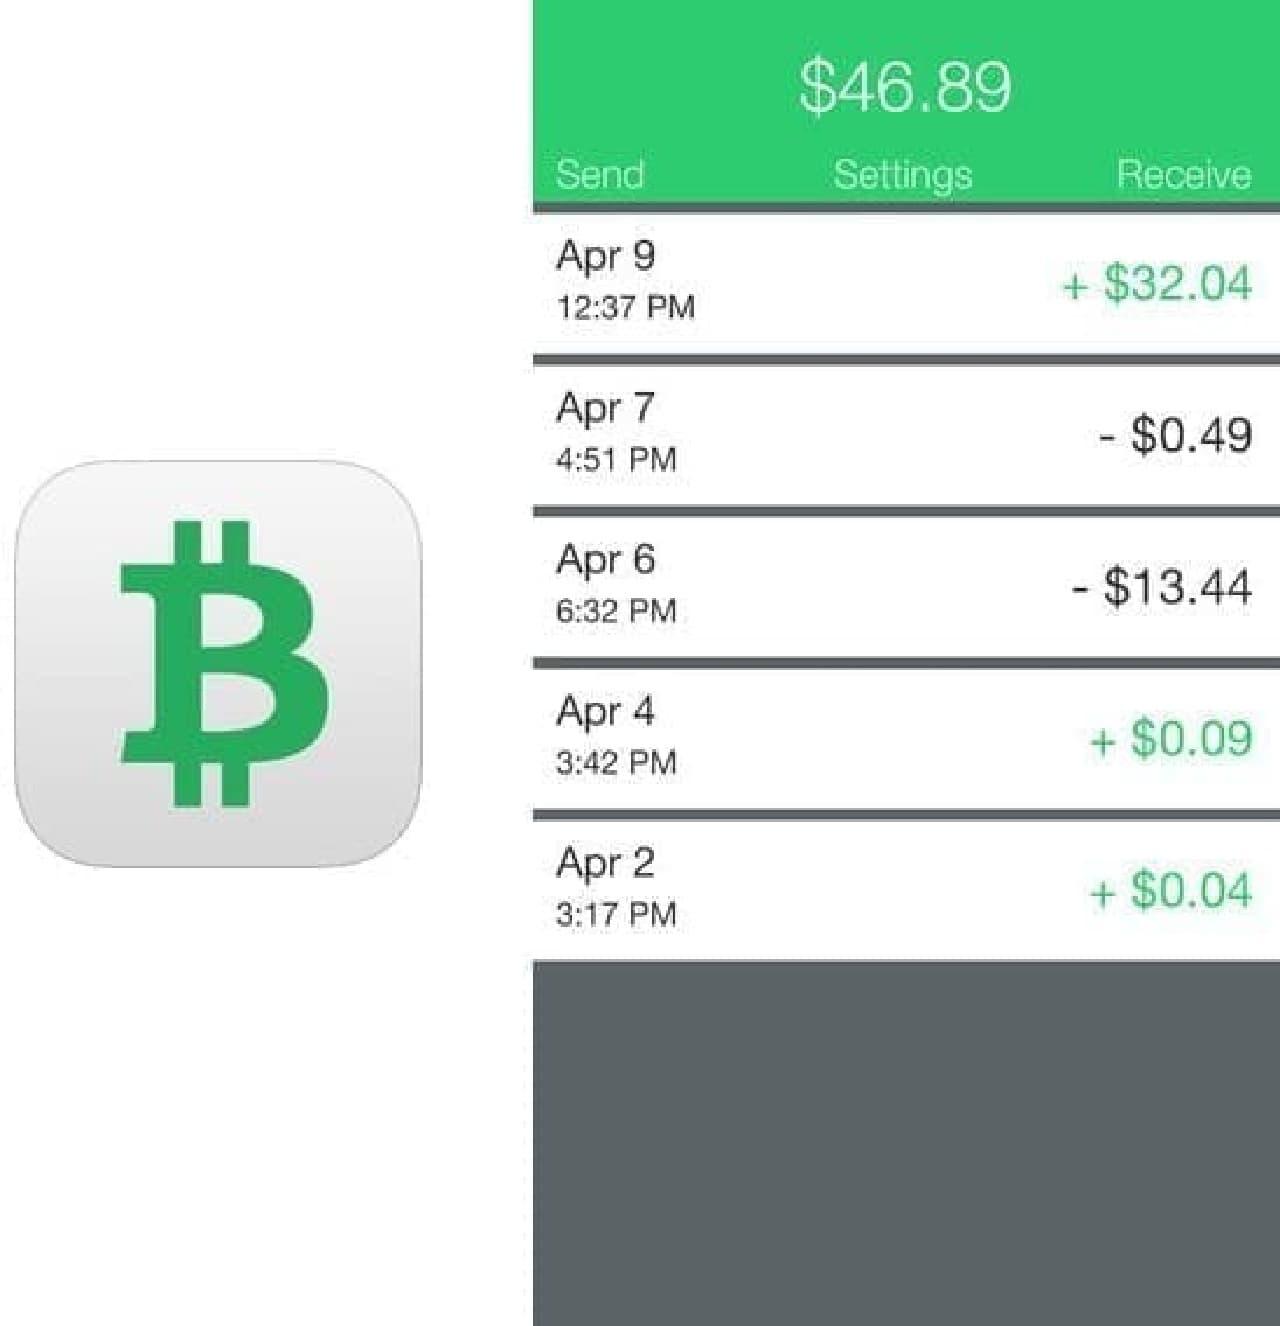 ビットコイン用ウォレット iOS アプリ「Coin Pocket」  (出典:Enriquez Software)